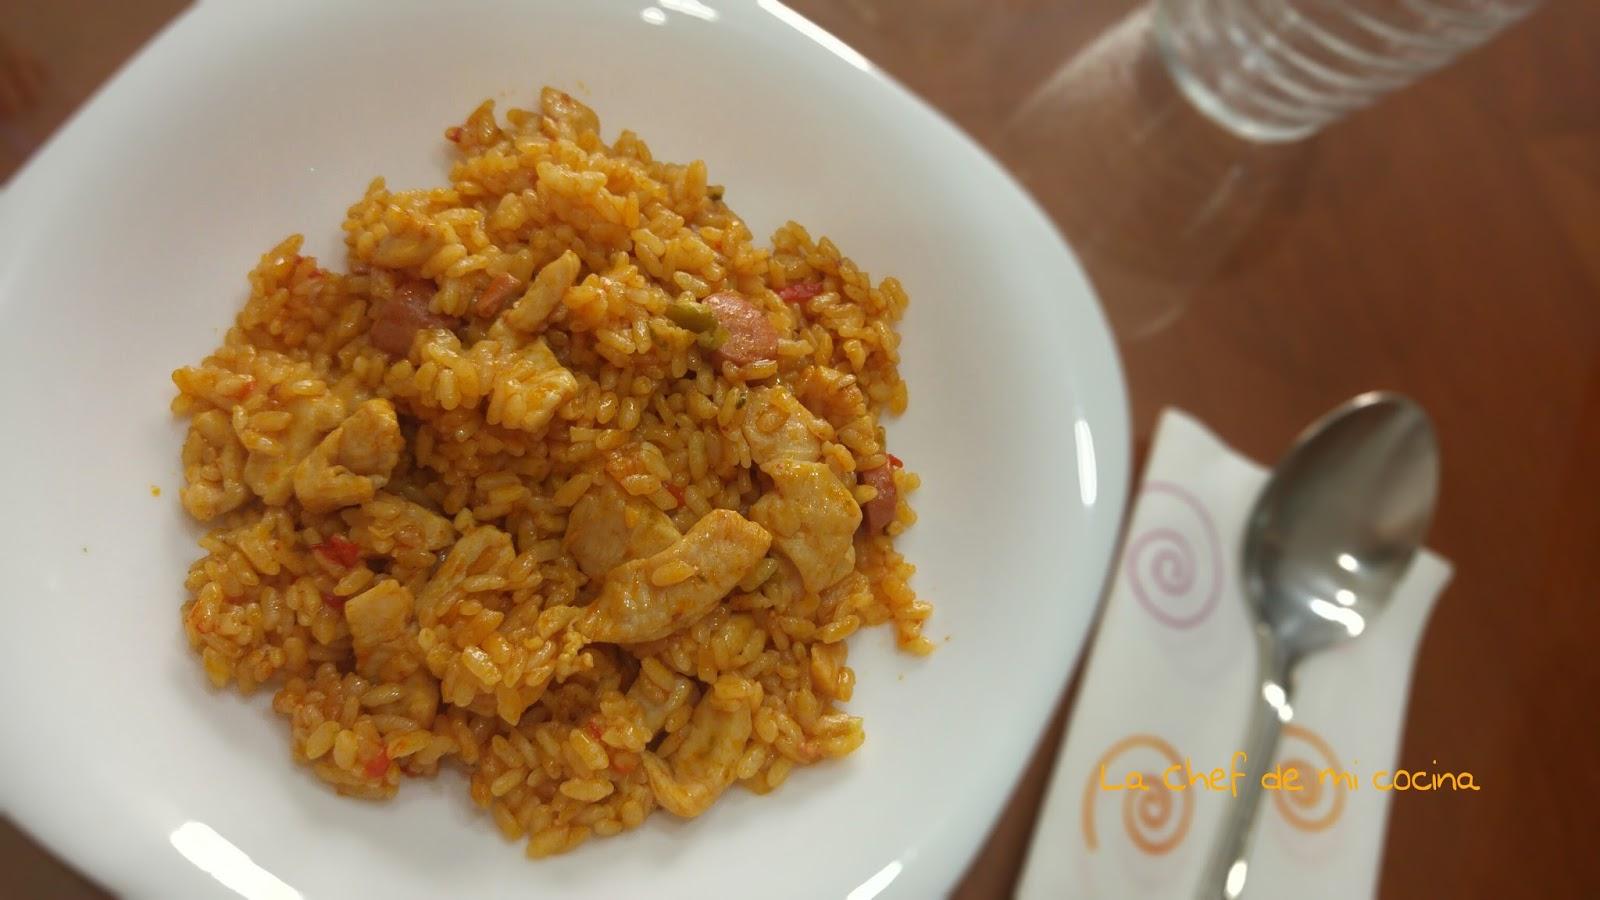 La chef de mi cocina arroz con pollo multicook pro de tefal - Tefal multicook pro recetas ...